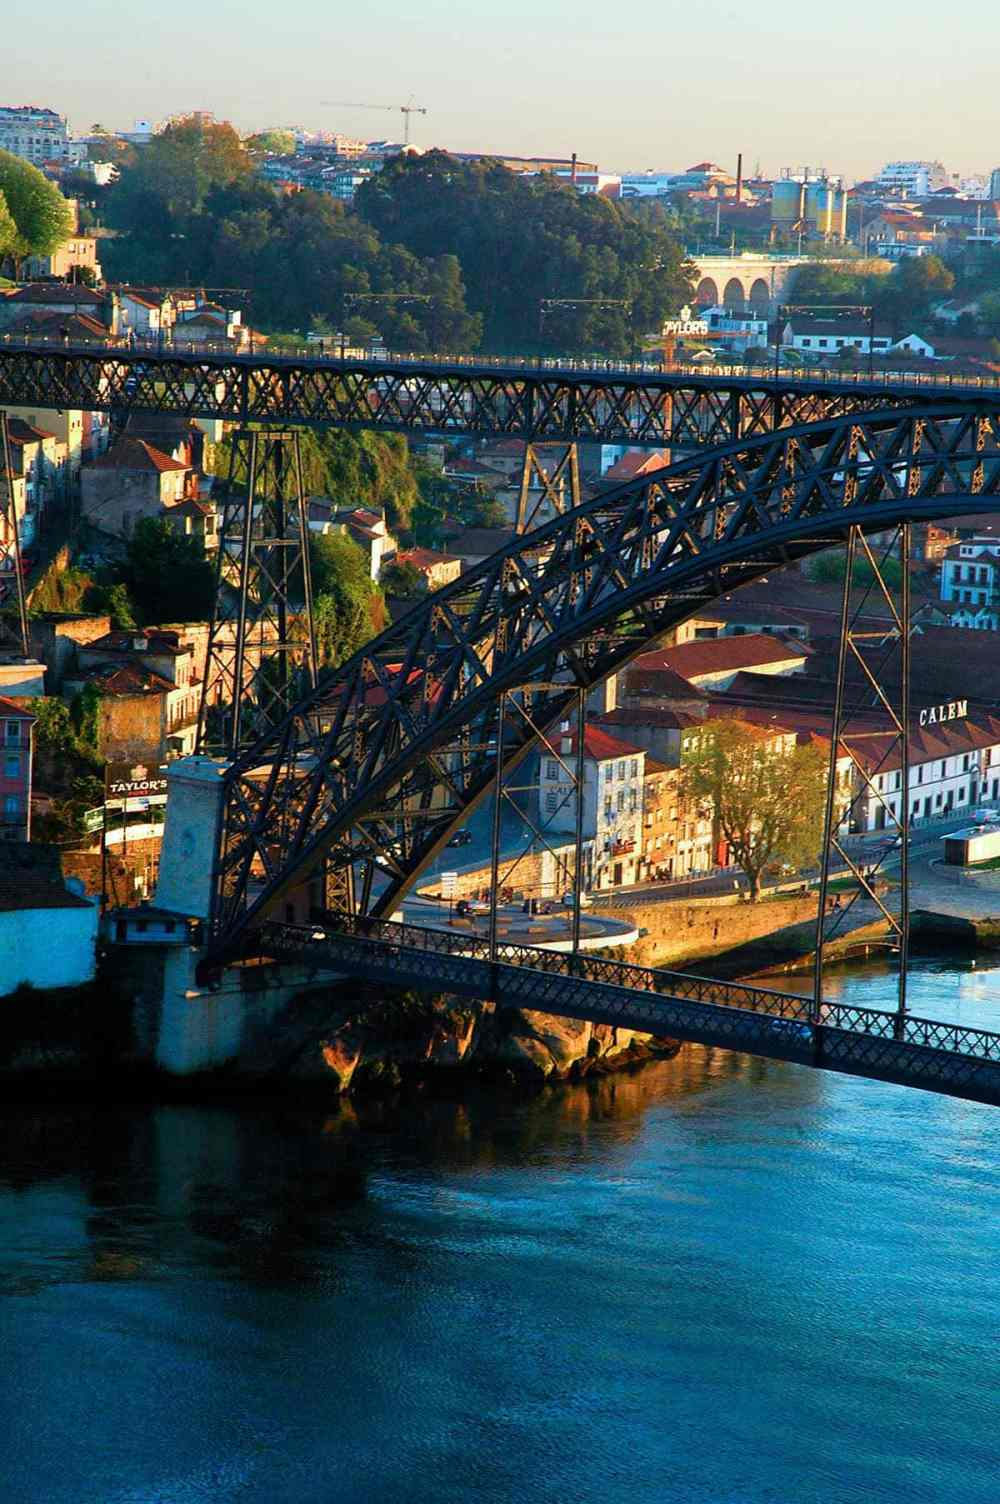 Ponte de Dom Luis i Porto